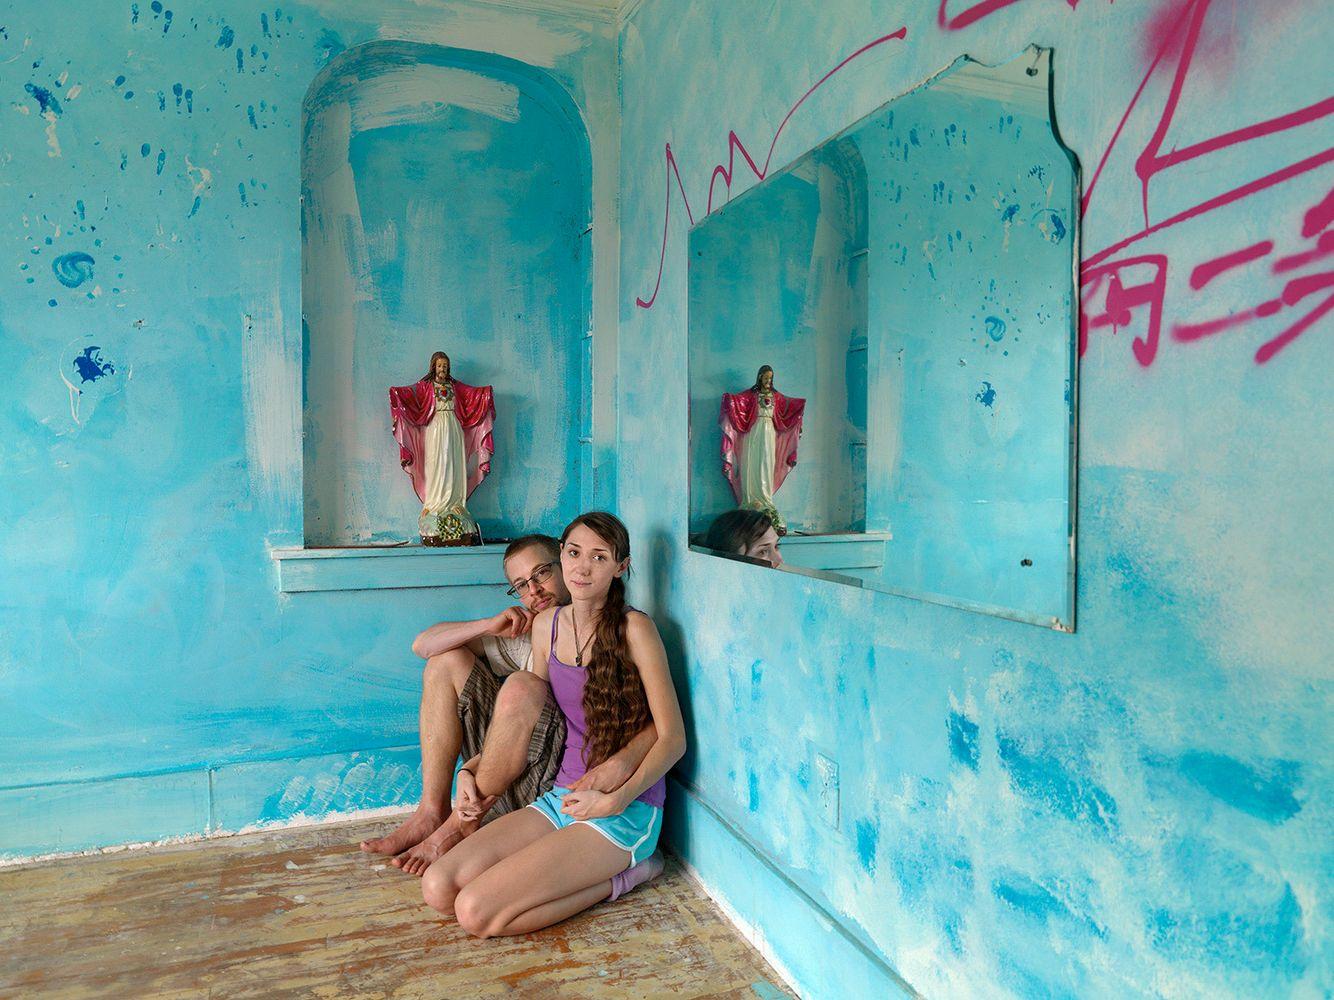 Jeannette and Marshall (coconut), Goldengate Street Residents, Detroit 2012